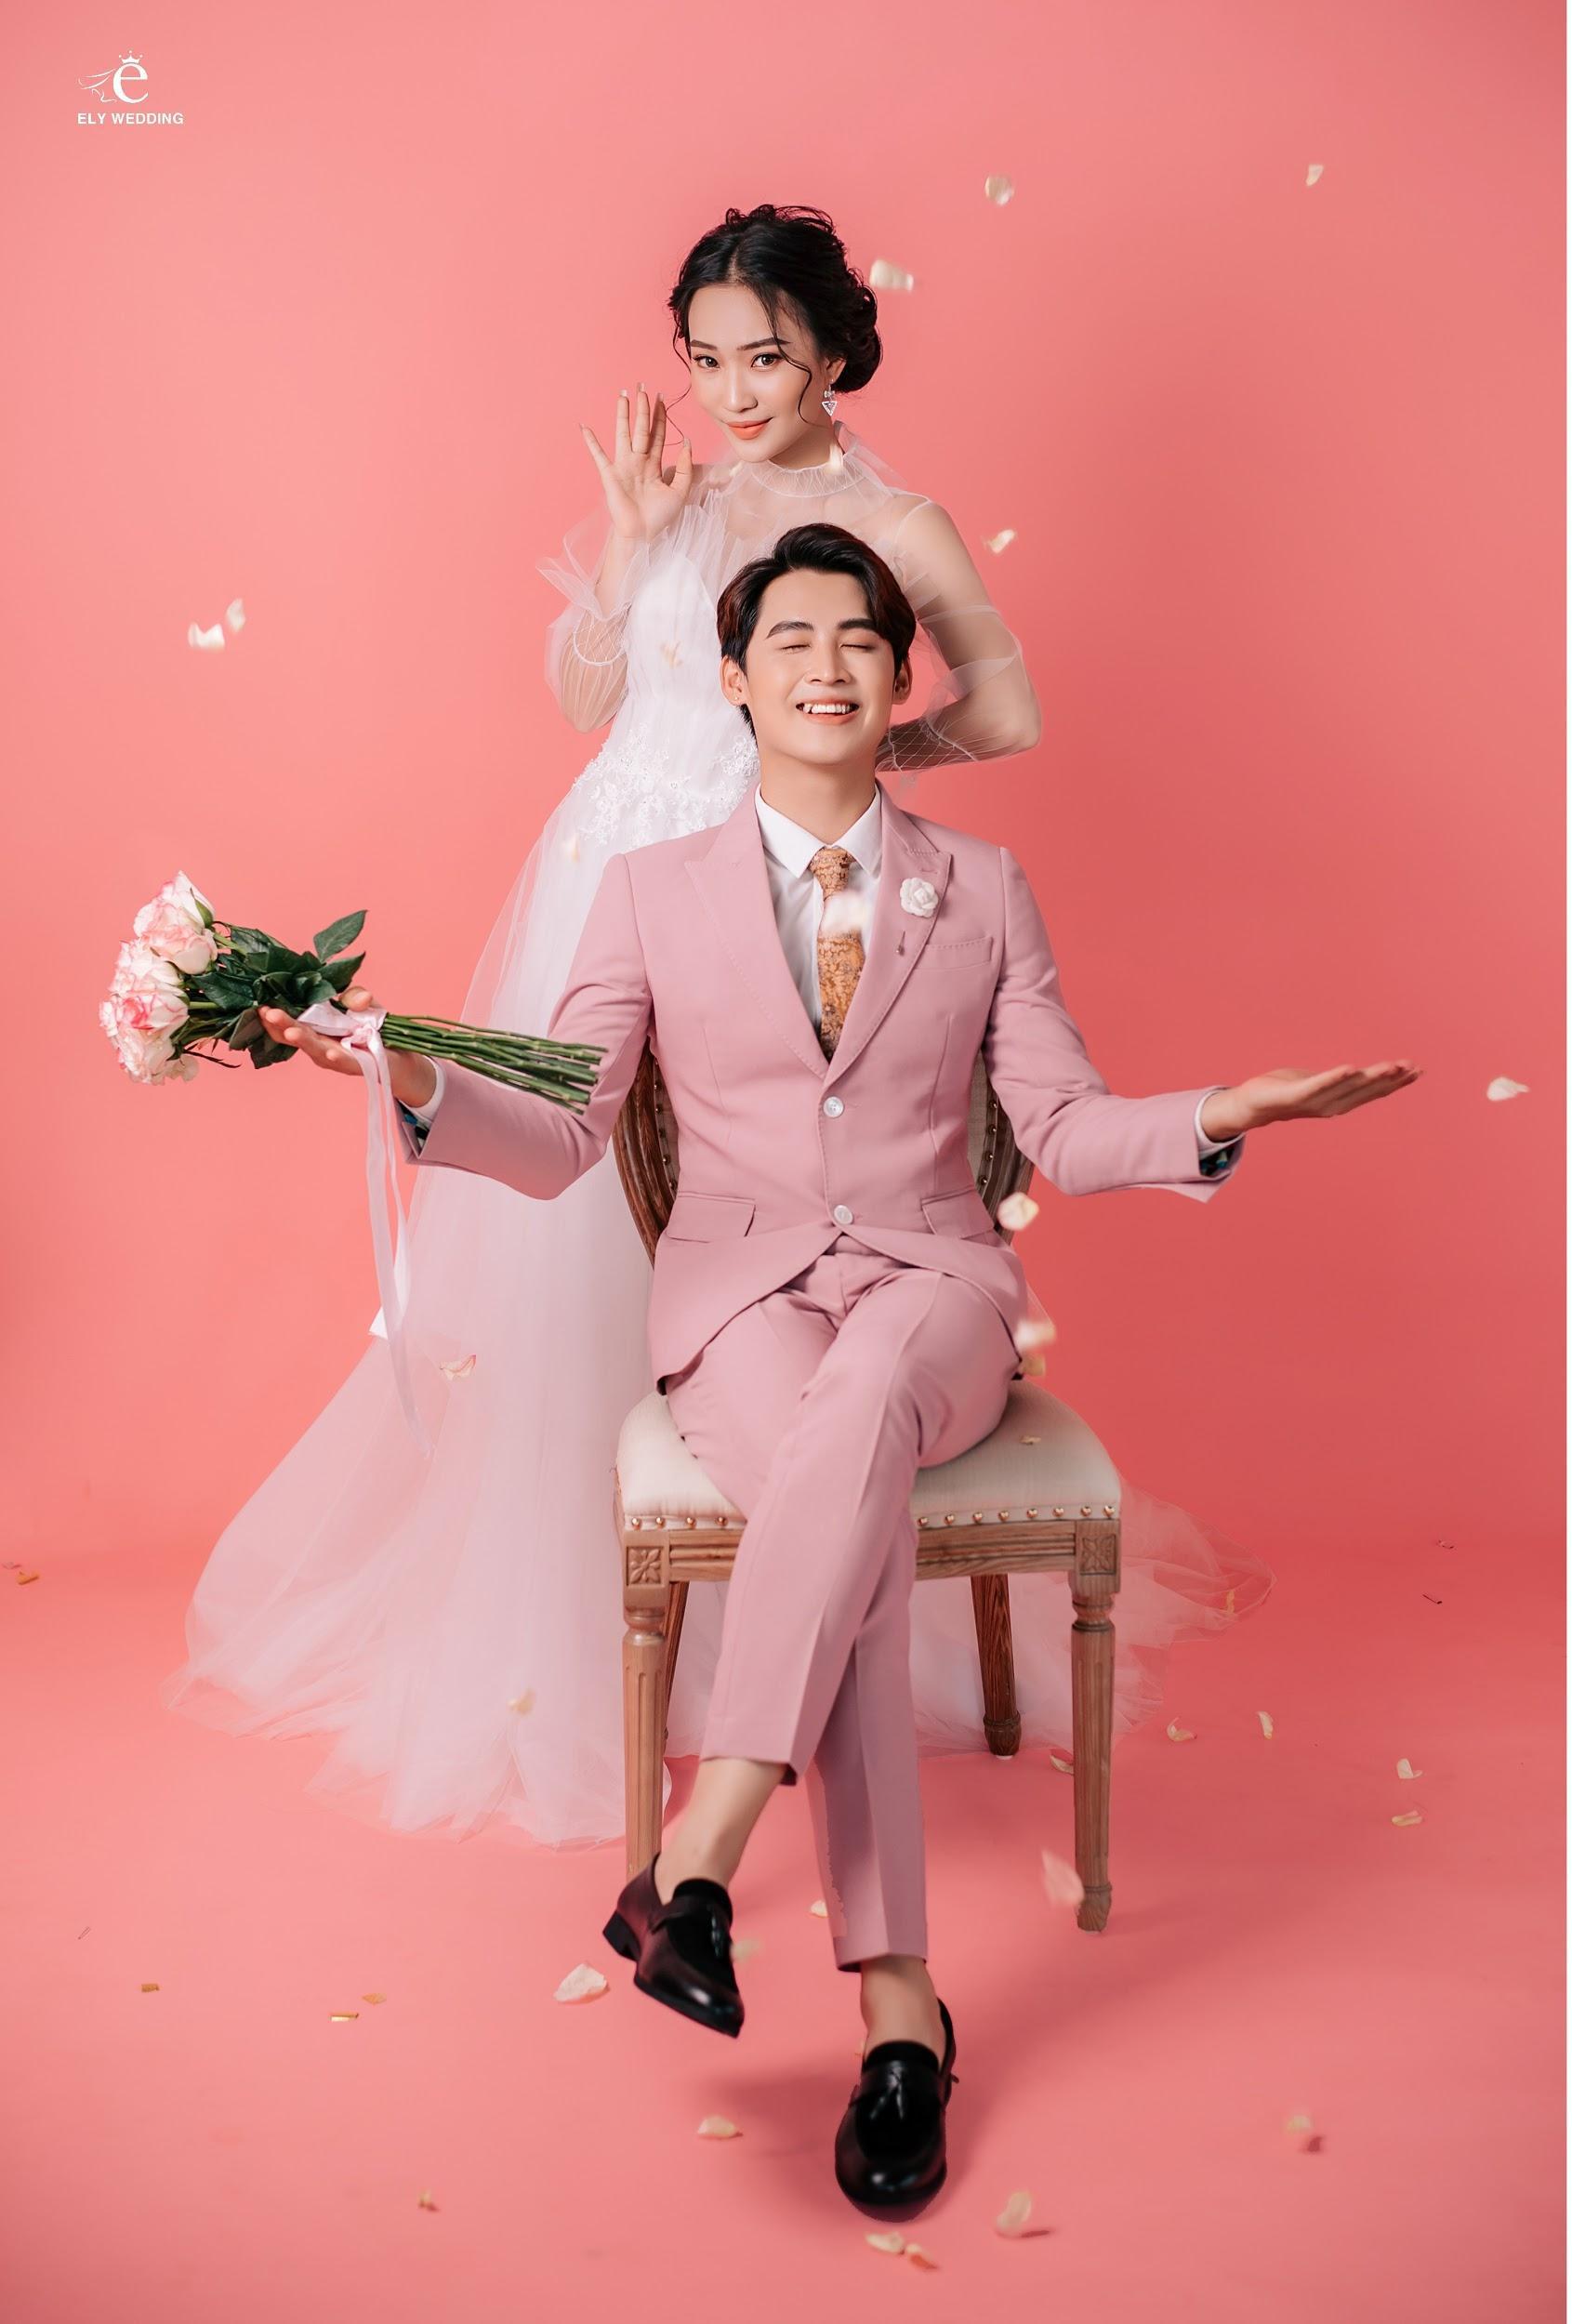 Mách nhỏ 5 địa điểm chụp ảnh cưới hot nhất Hà Nội, cứ đến là có ảnh đẹp! - Ảnh 6.